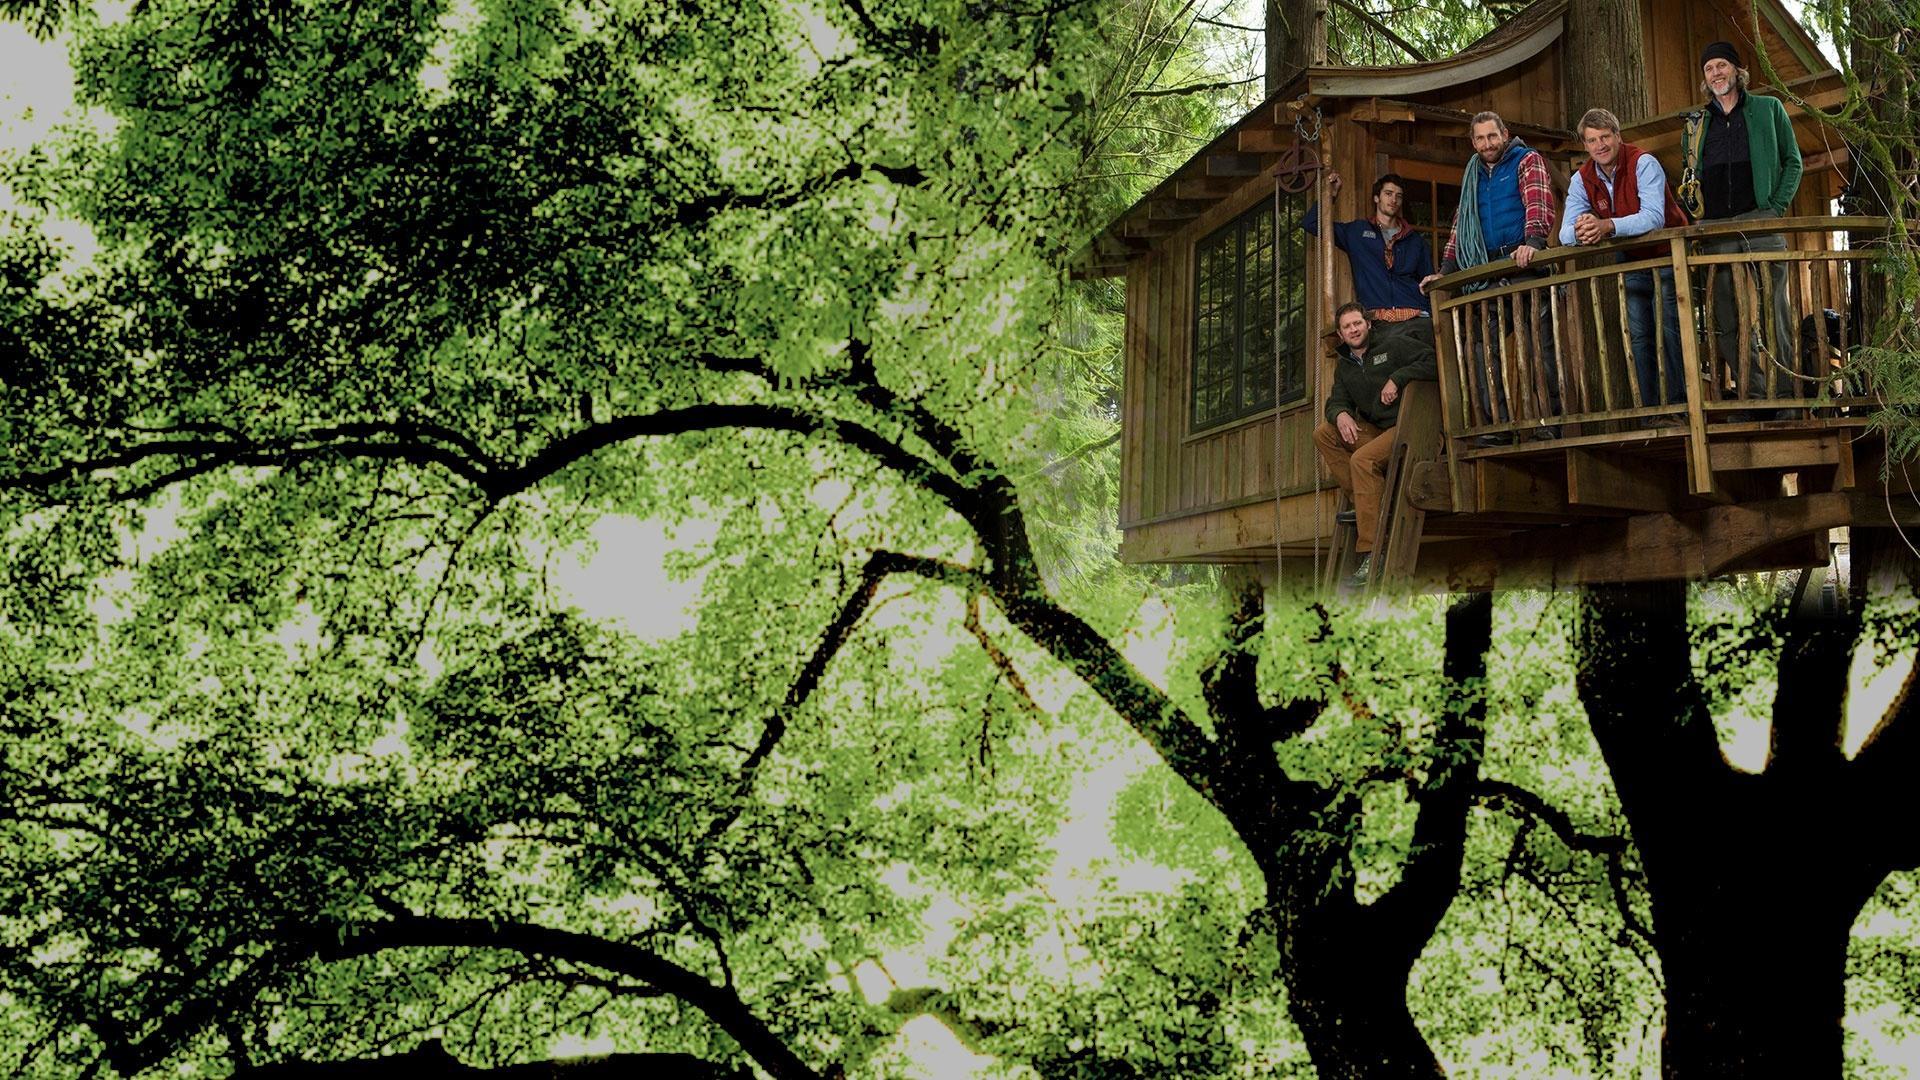 Home and garden La mia nuova casa sull'albero